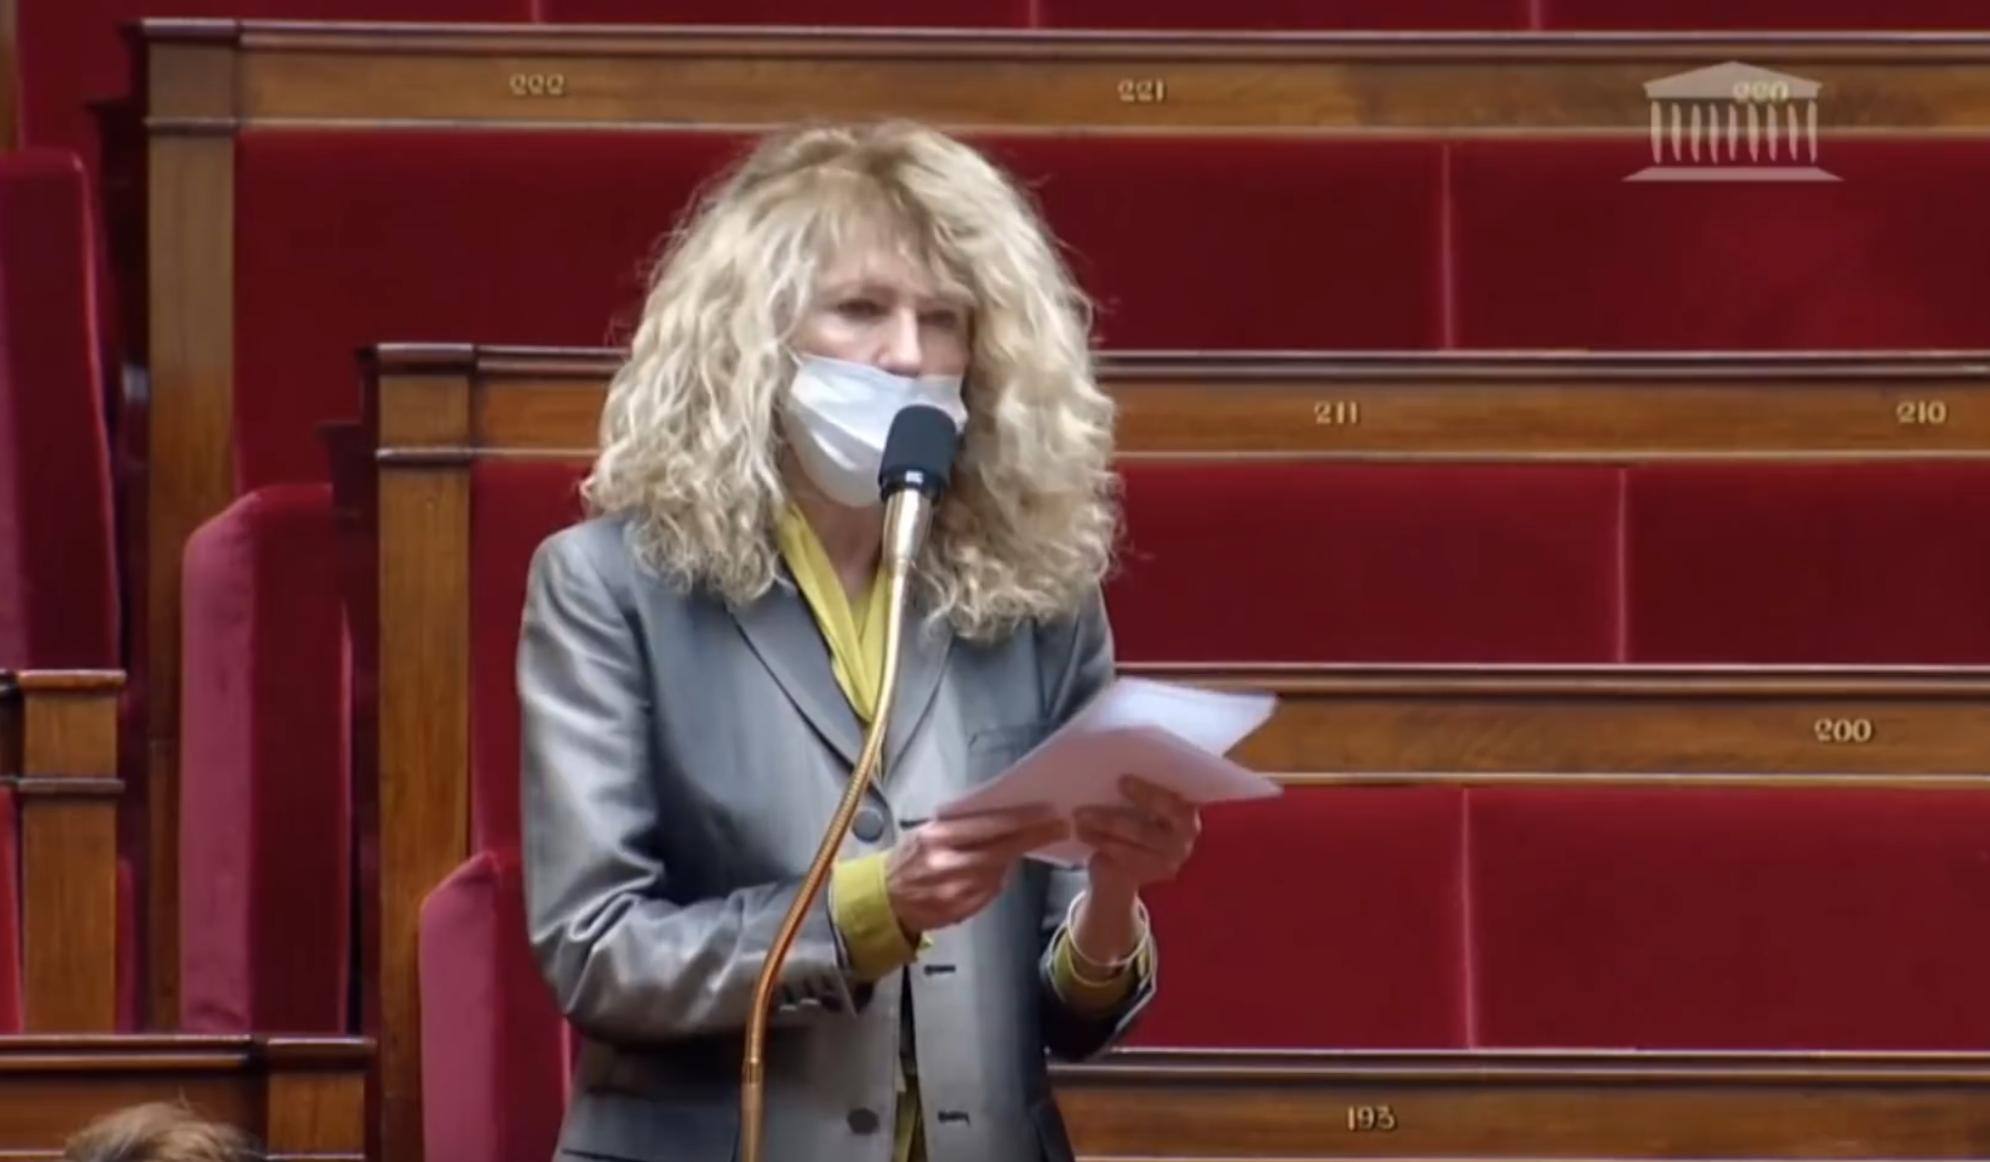 Vaccination obligatoire contre la Covid-19 : Le député Martine Wonner (ex-LREM) nous alerte sur les projets pervers et liberticides du gouvernement